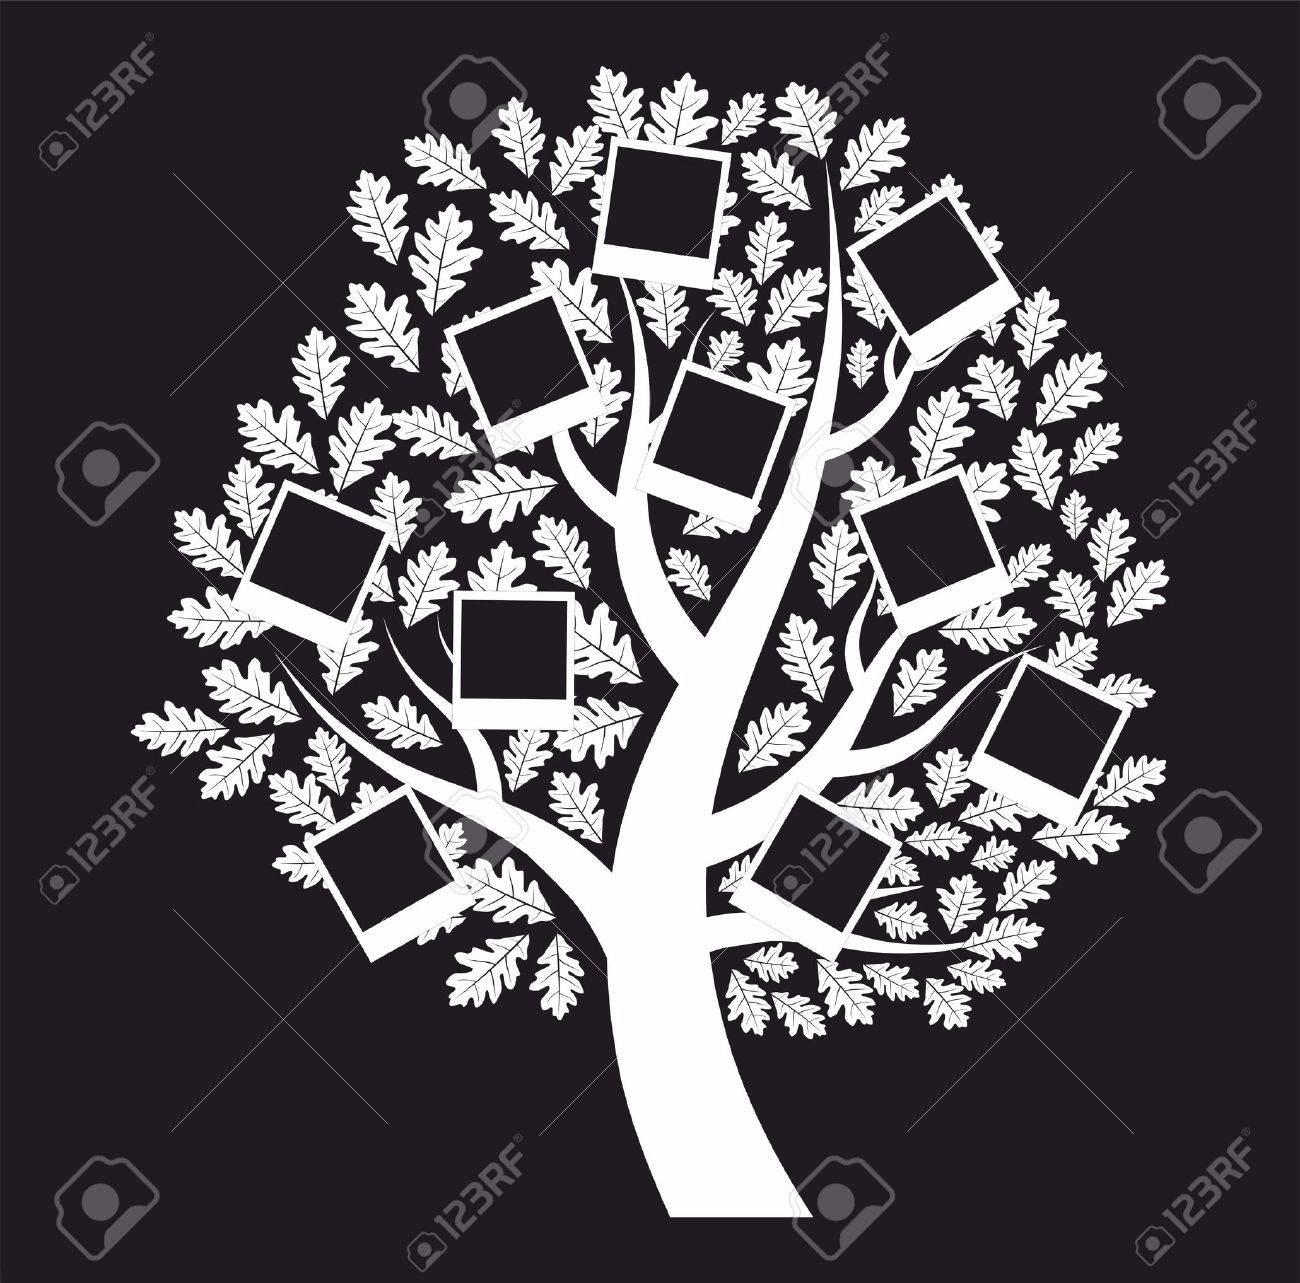 Familia árbol Genealógico Sobre Fondo Negro Ilustraciones